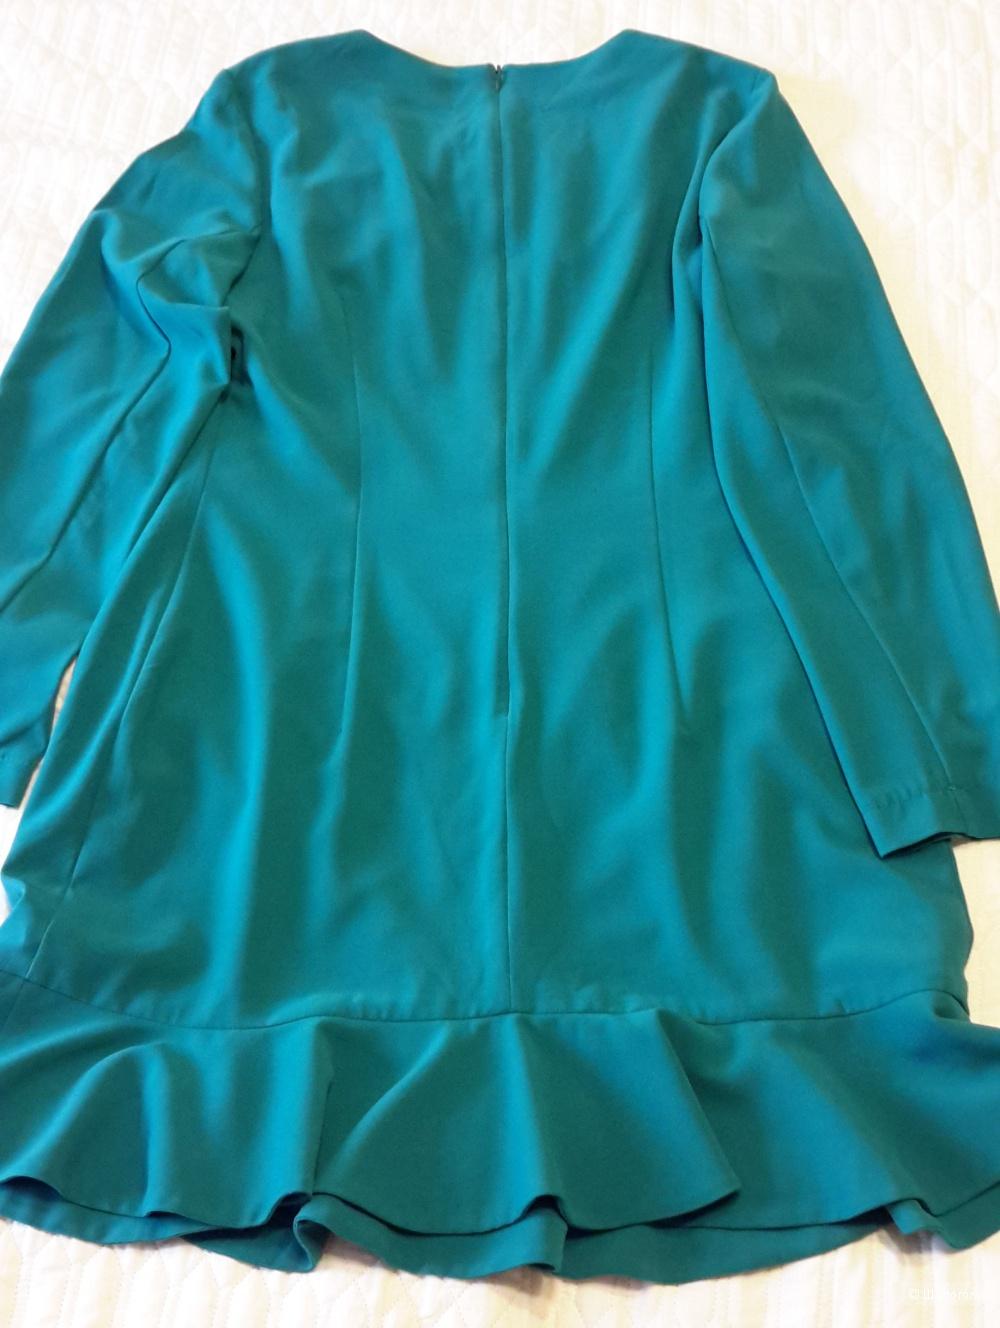 Нарядное платье Lakbi Беларусь размер 46 цвет зеленый